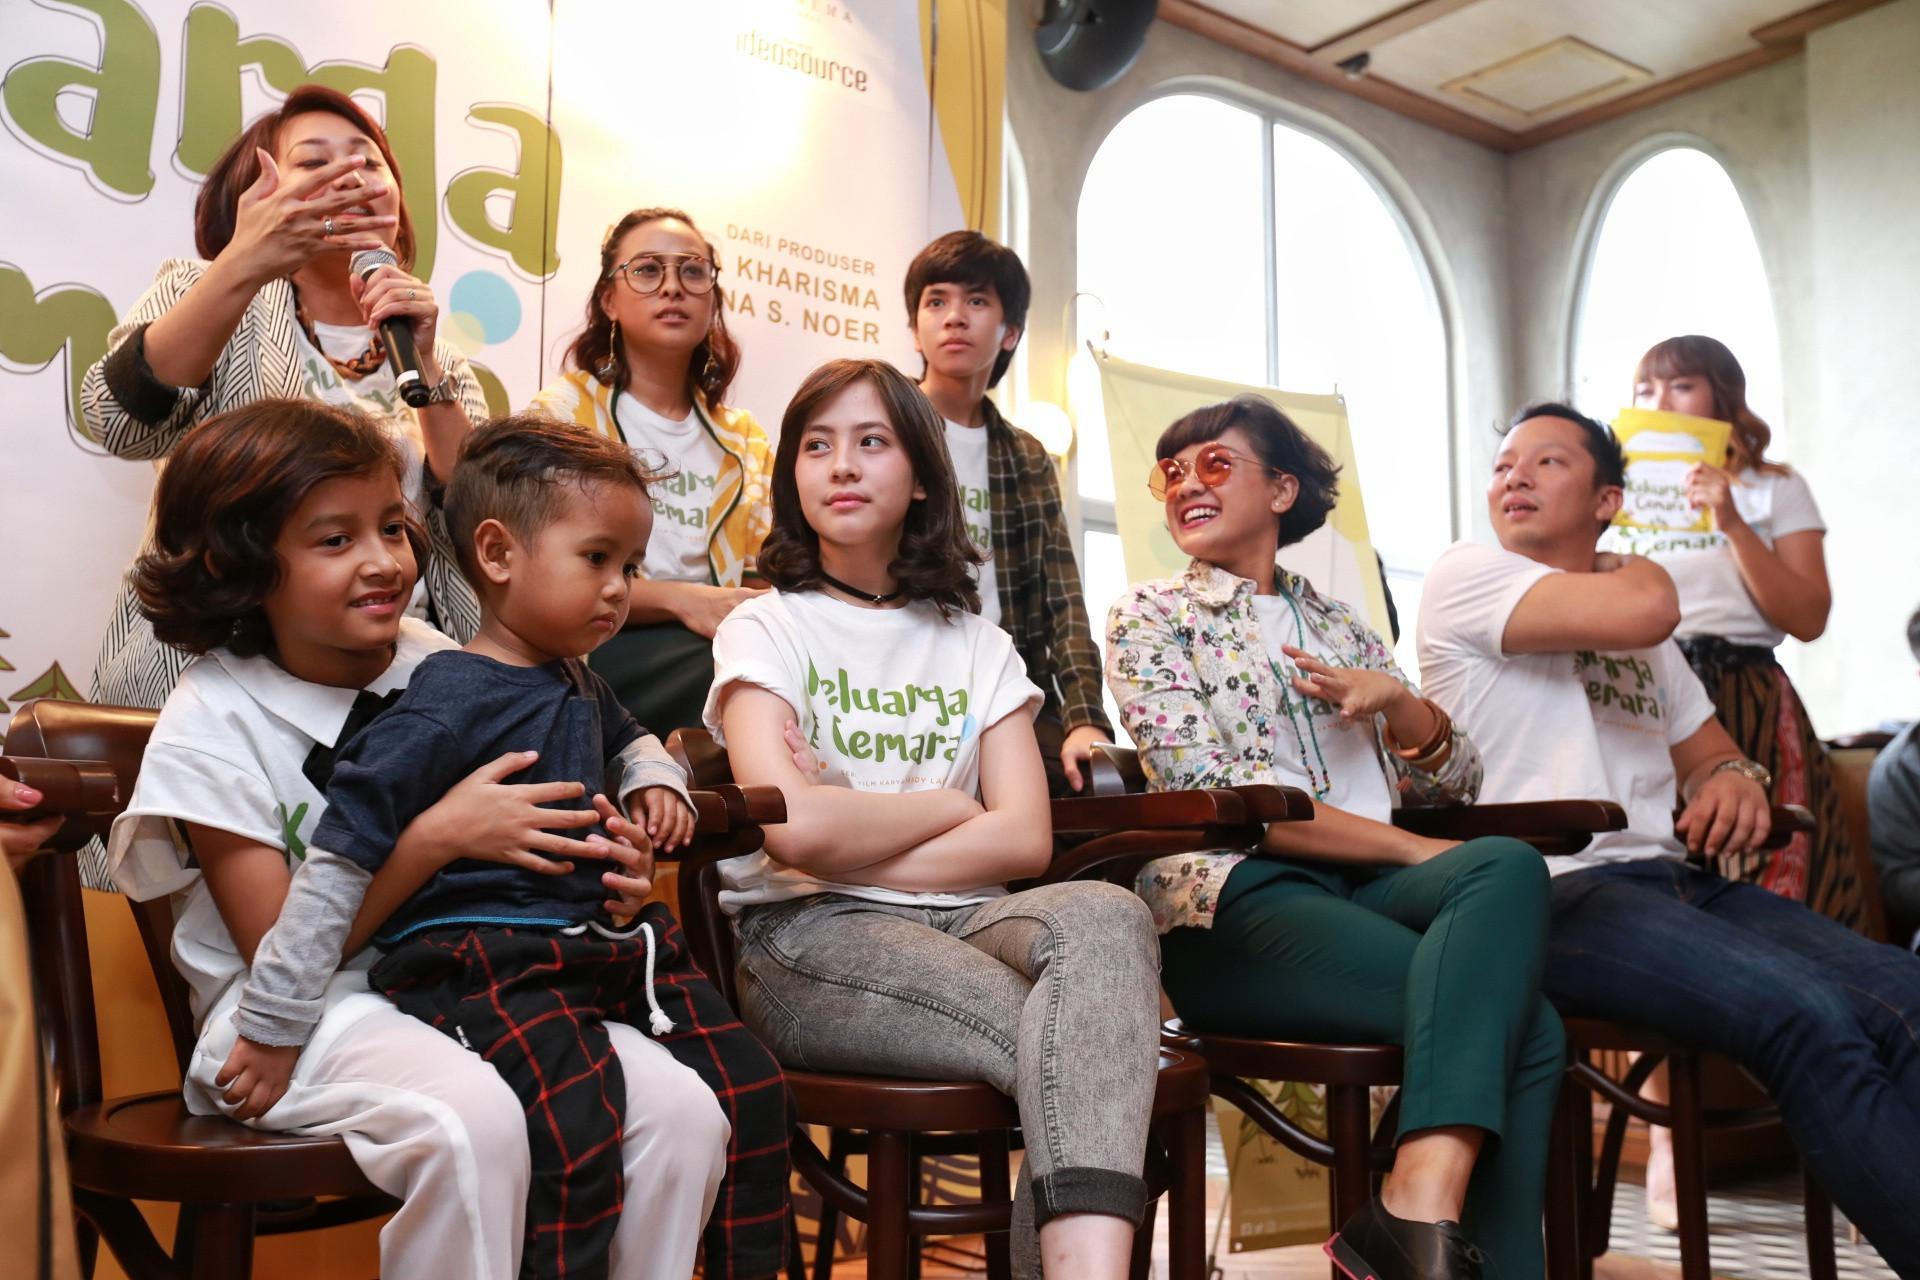 Keluarga Cemara akan dibintangi oleh Ringgo Agus Rahman, Nirina Zubir,  Zara JKT 48, Asri Welas, Maudy Koesnaedi dan masih banyak lagi. Film ini akan tayang pada pertengahan tahun ini. (Adrian Putra/Bintang.com)